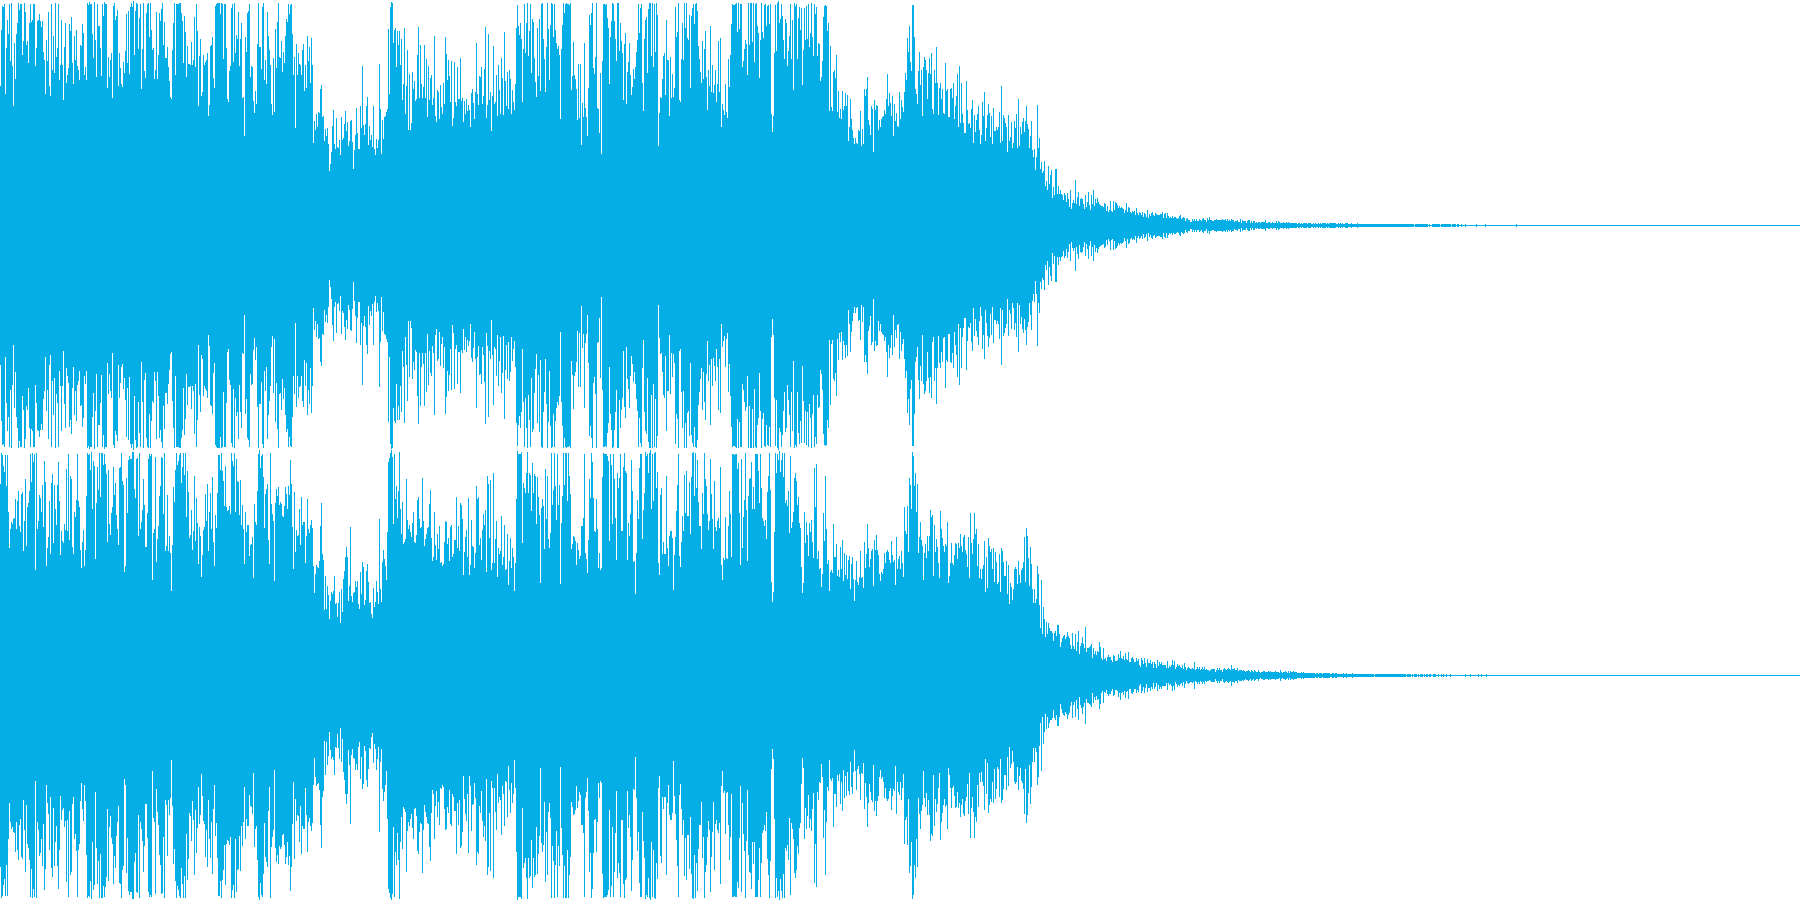 三味線・箏・尺八・和太鼓・ジングル08の再生済みの波形